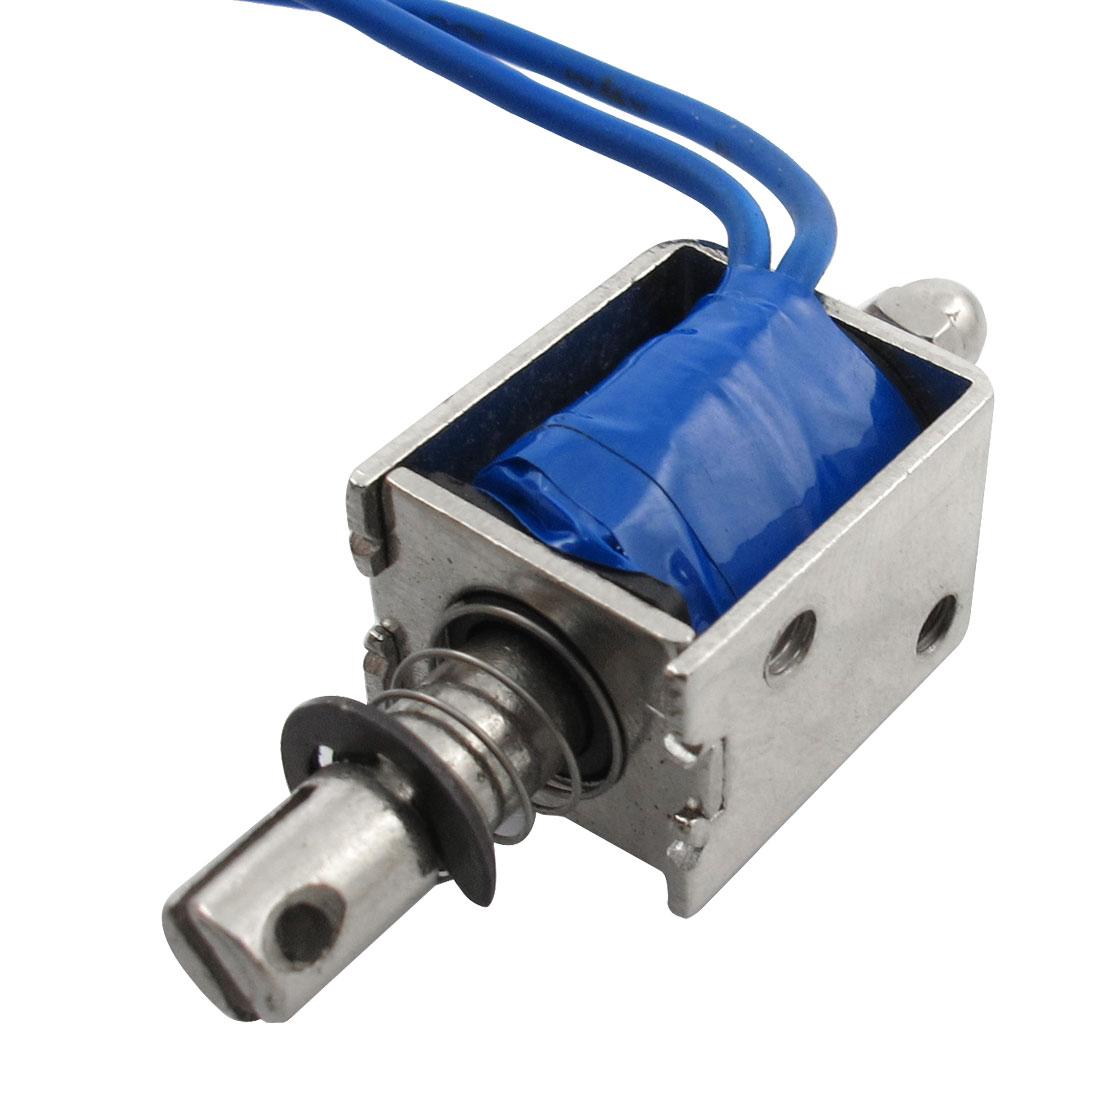 DC 12V 500mA Open Frame Push Type Solenoid Electromagnet 7mm Stroke